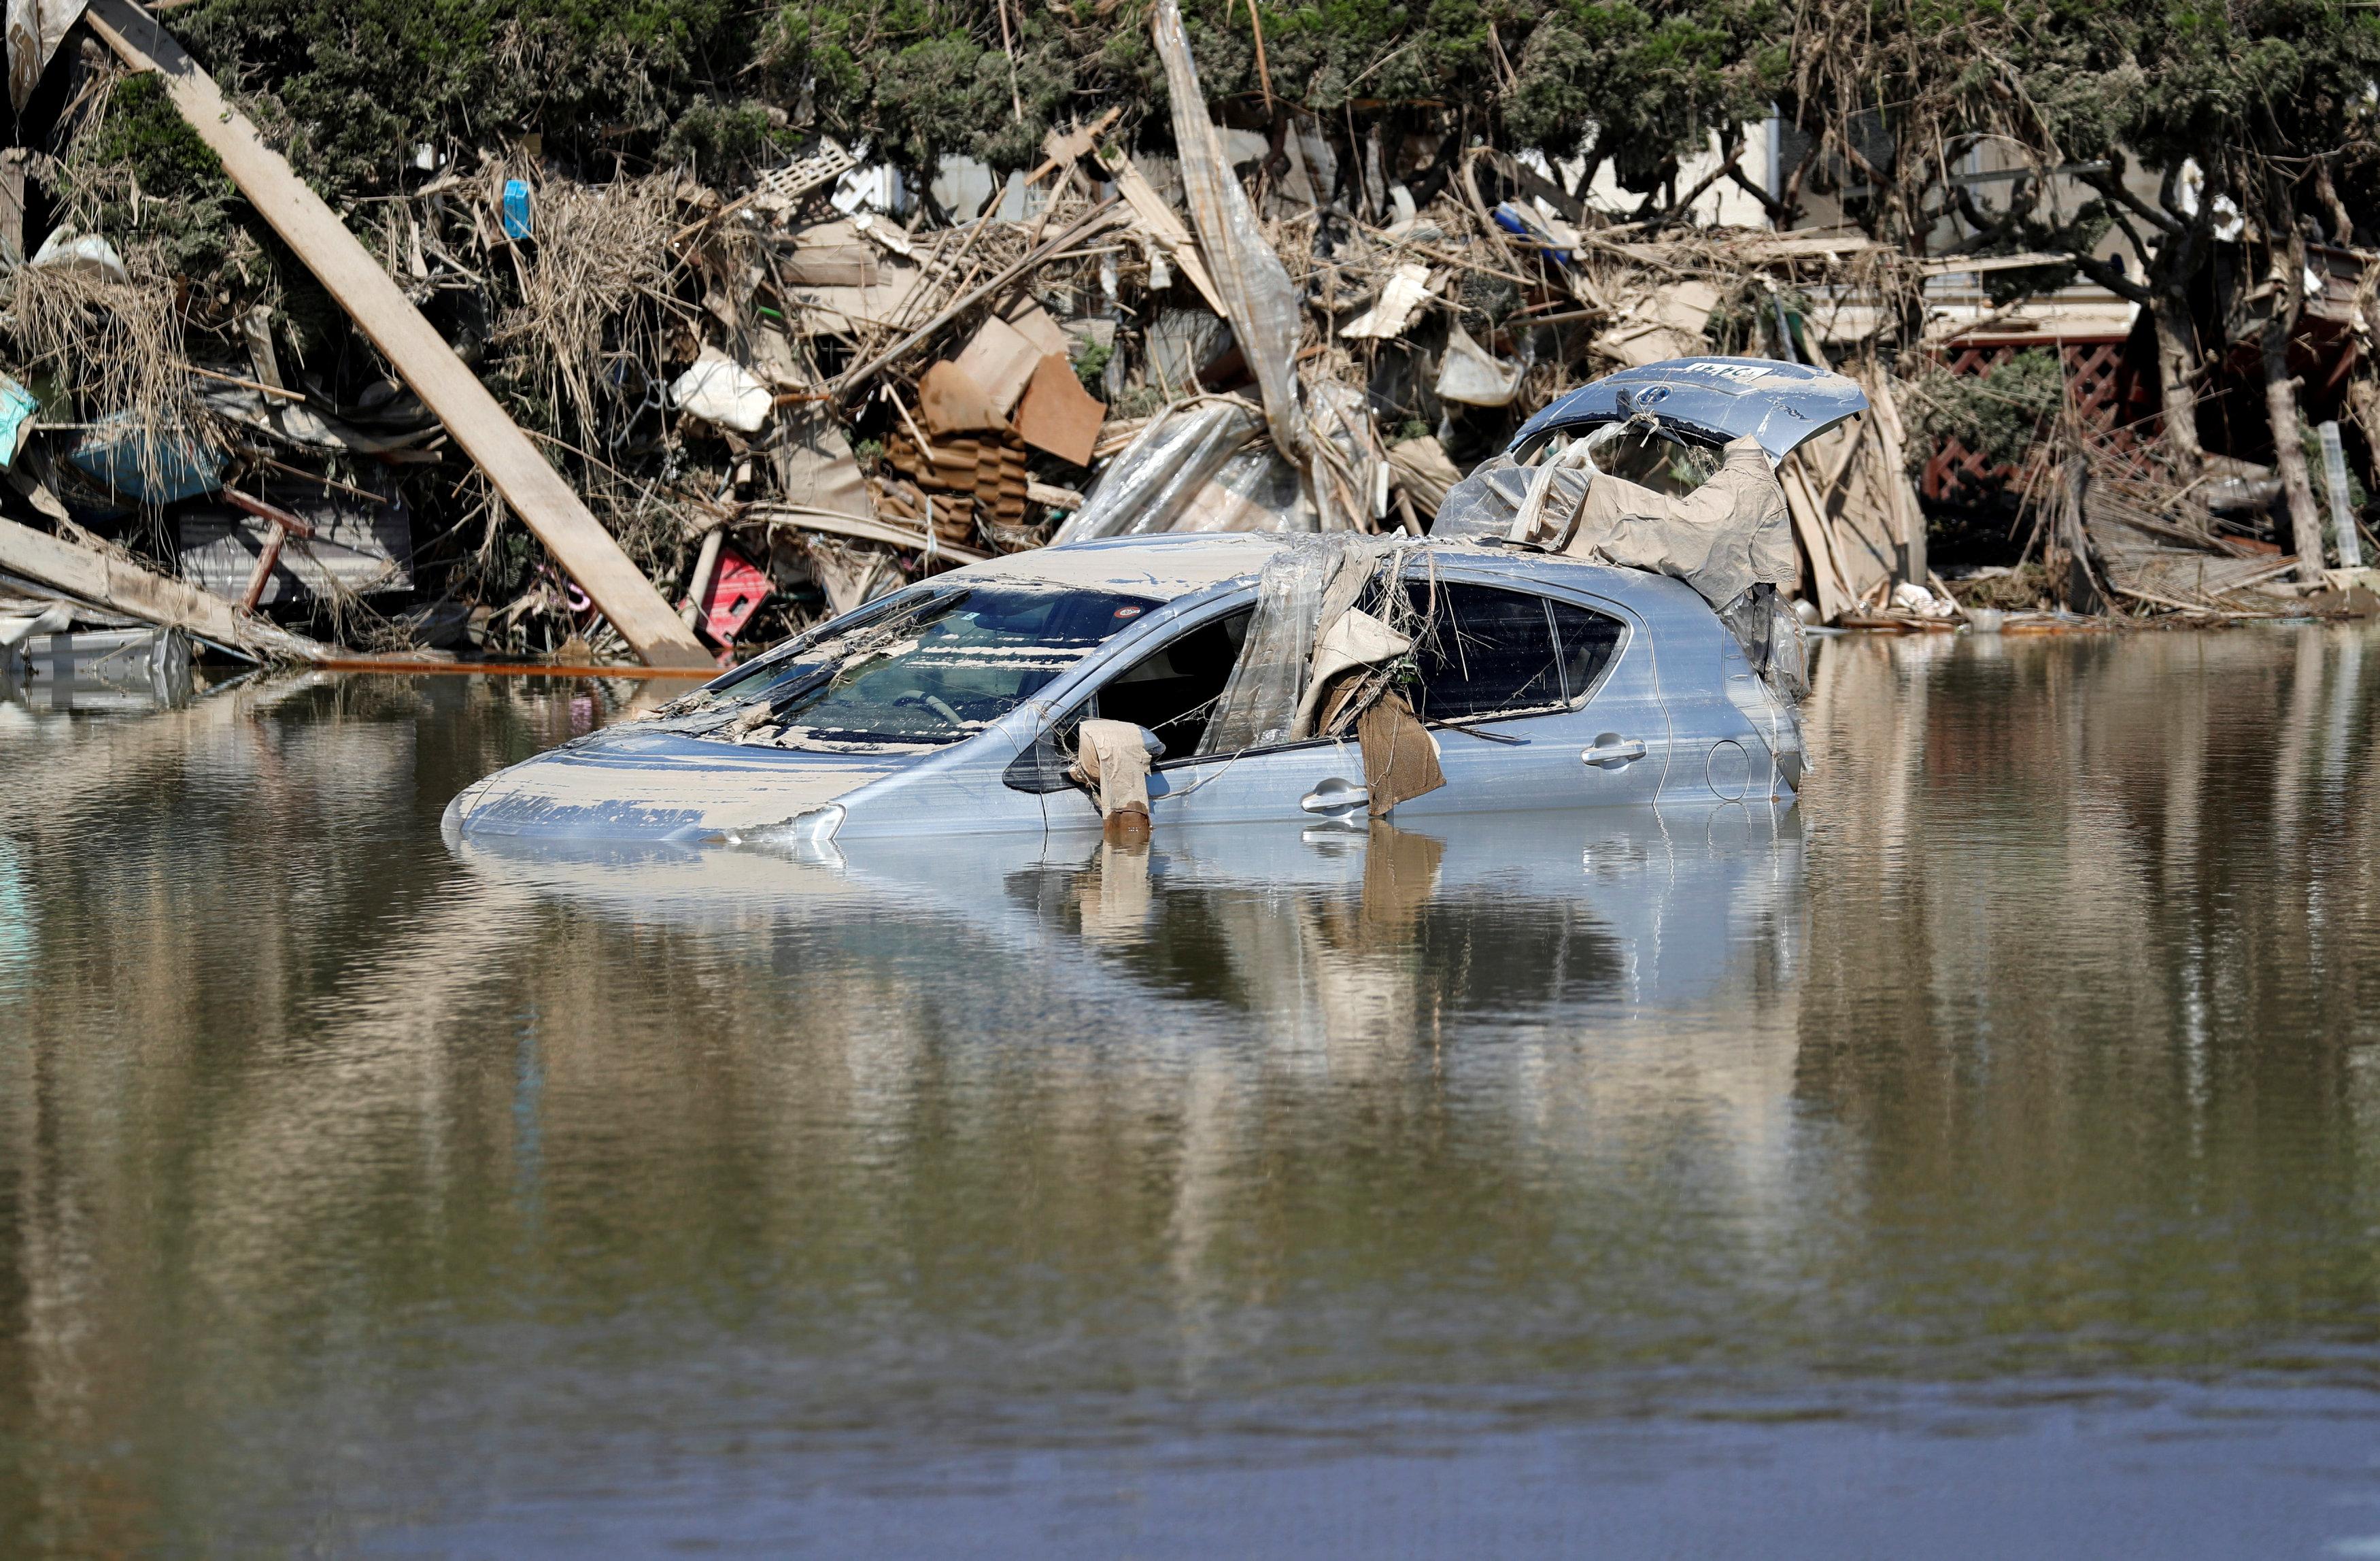 غرق سيارة فى مياه الأمطار